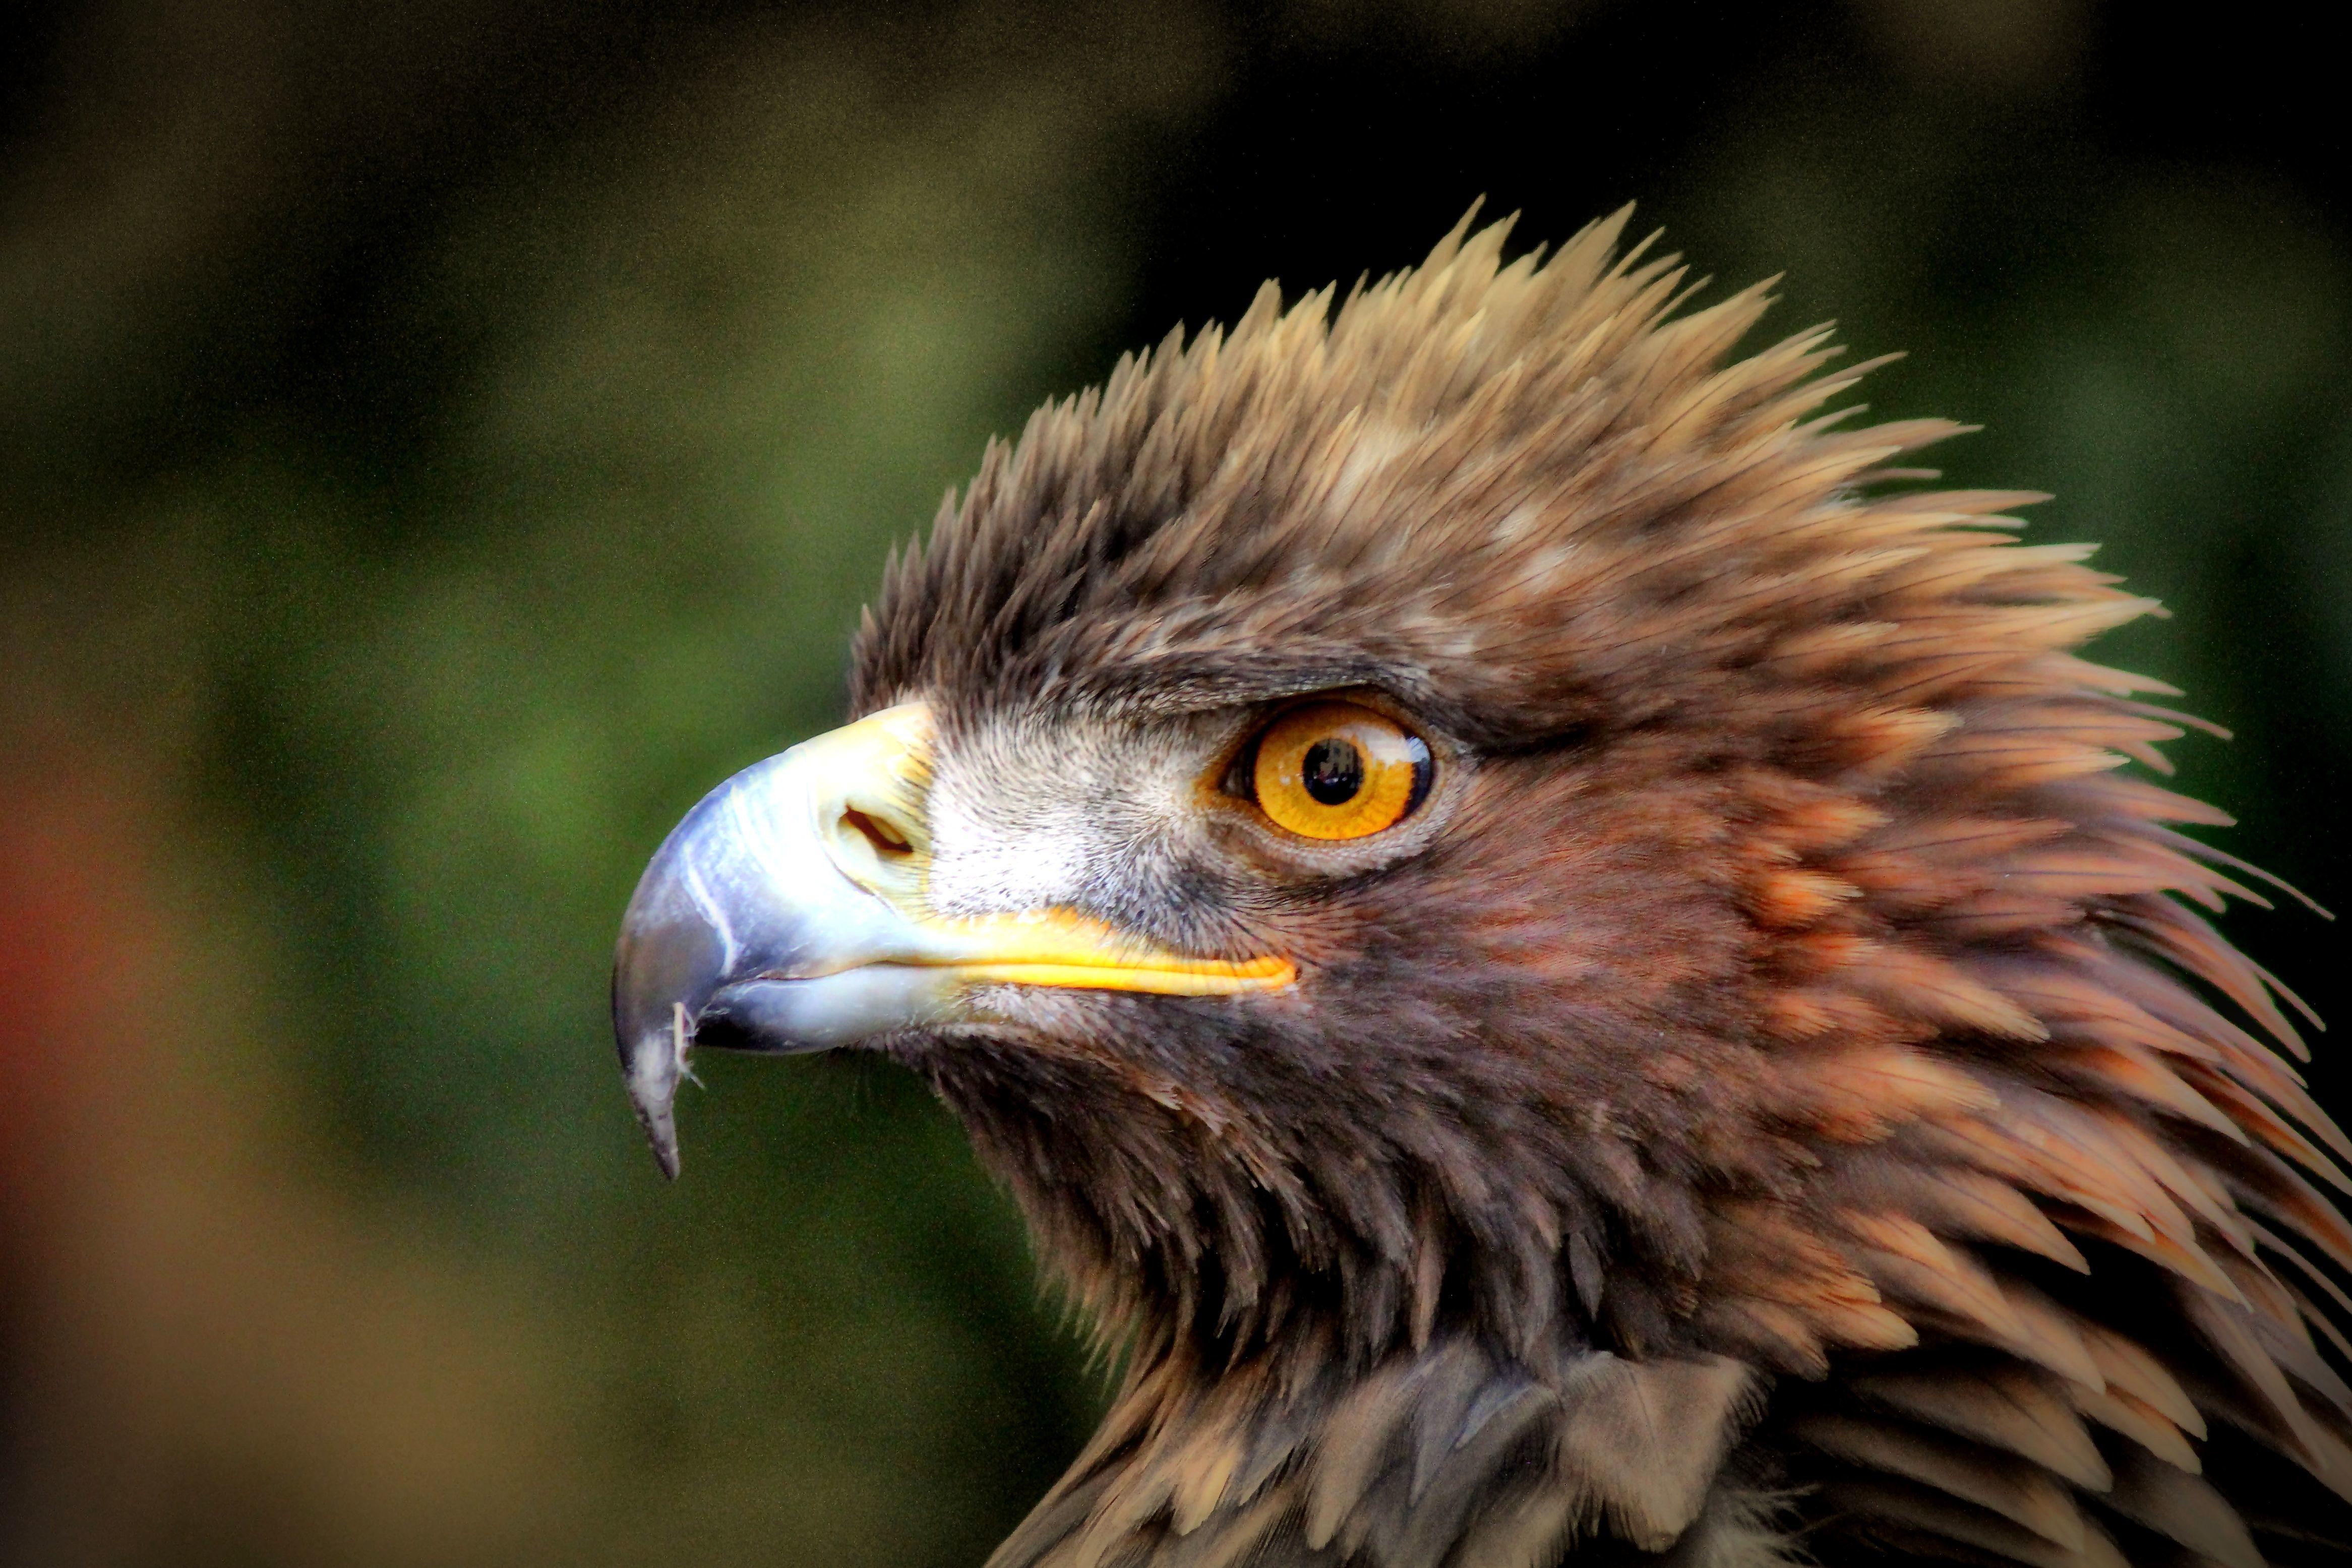 Free Hd 3d Wallpapers For Desktop Image Libre Aigle Royal Photo Headshot Oiseau